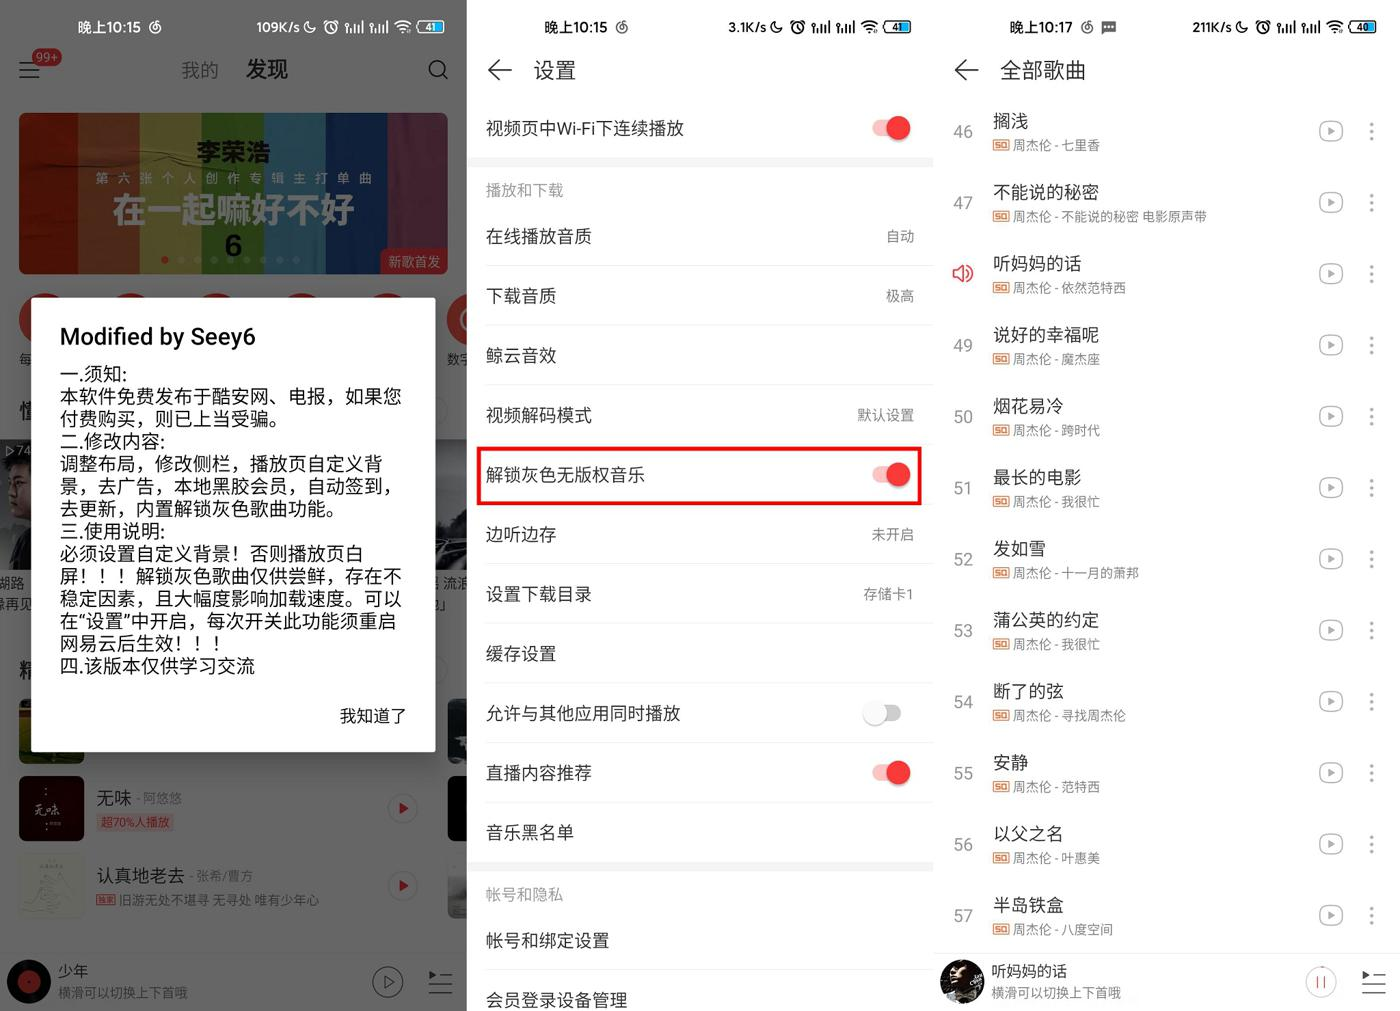 安卓网易云音乐v7.1.14解灰版